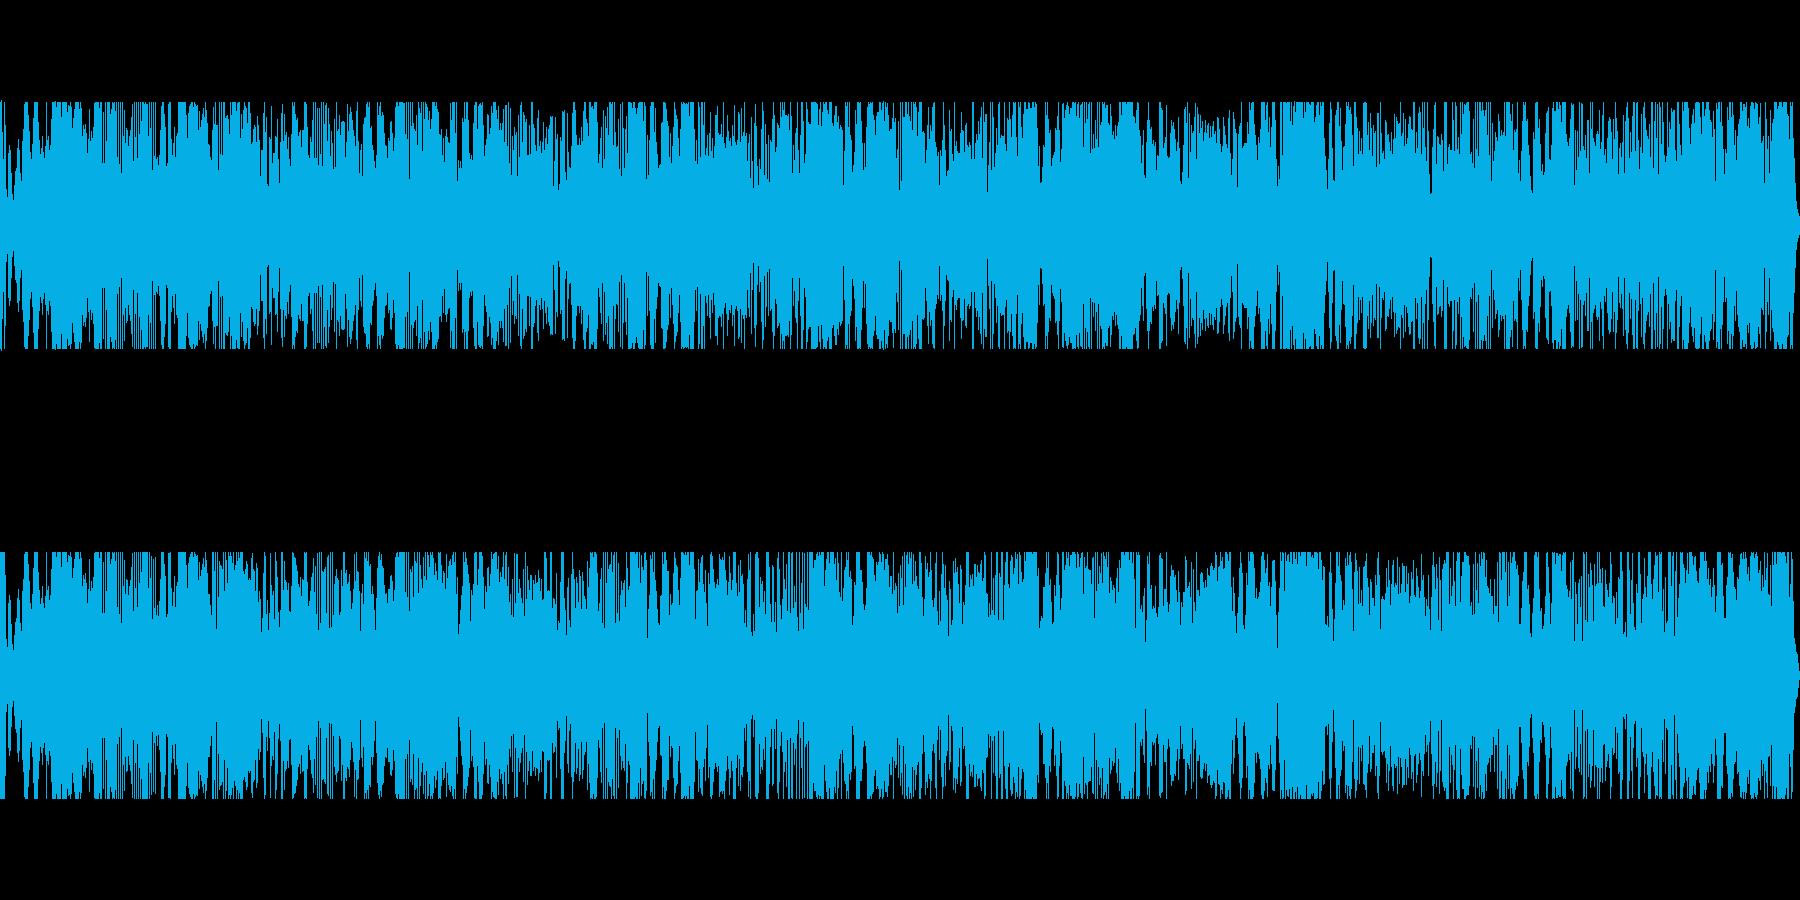 絶え間ないクリック音を伴う深共鳴音とハムの再生済みの波形